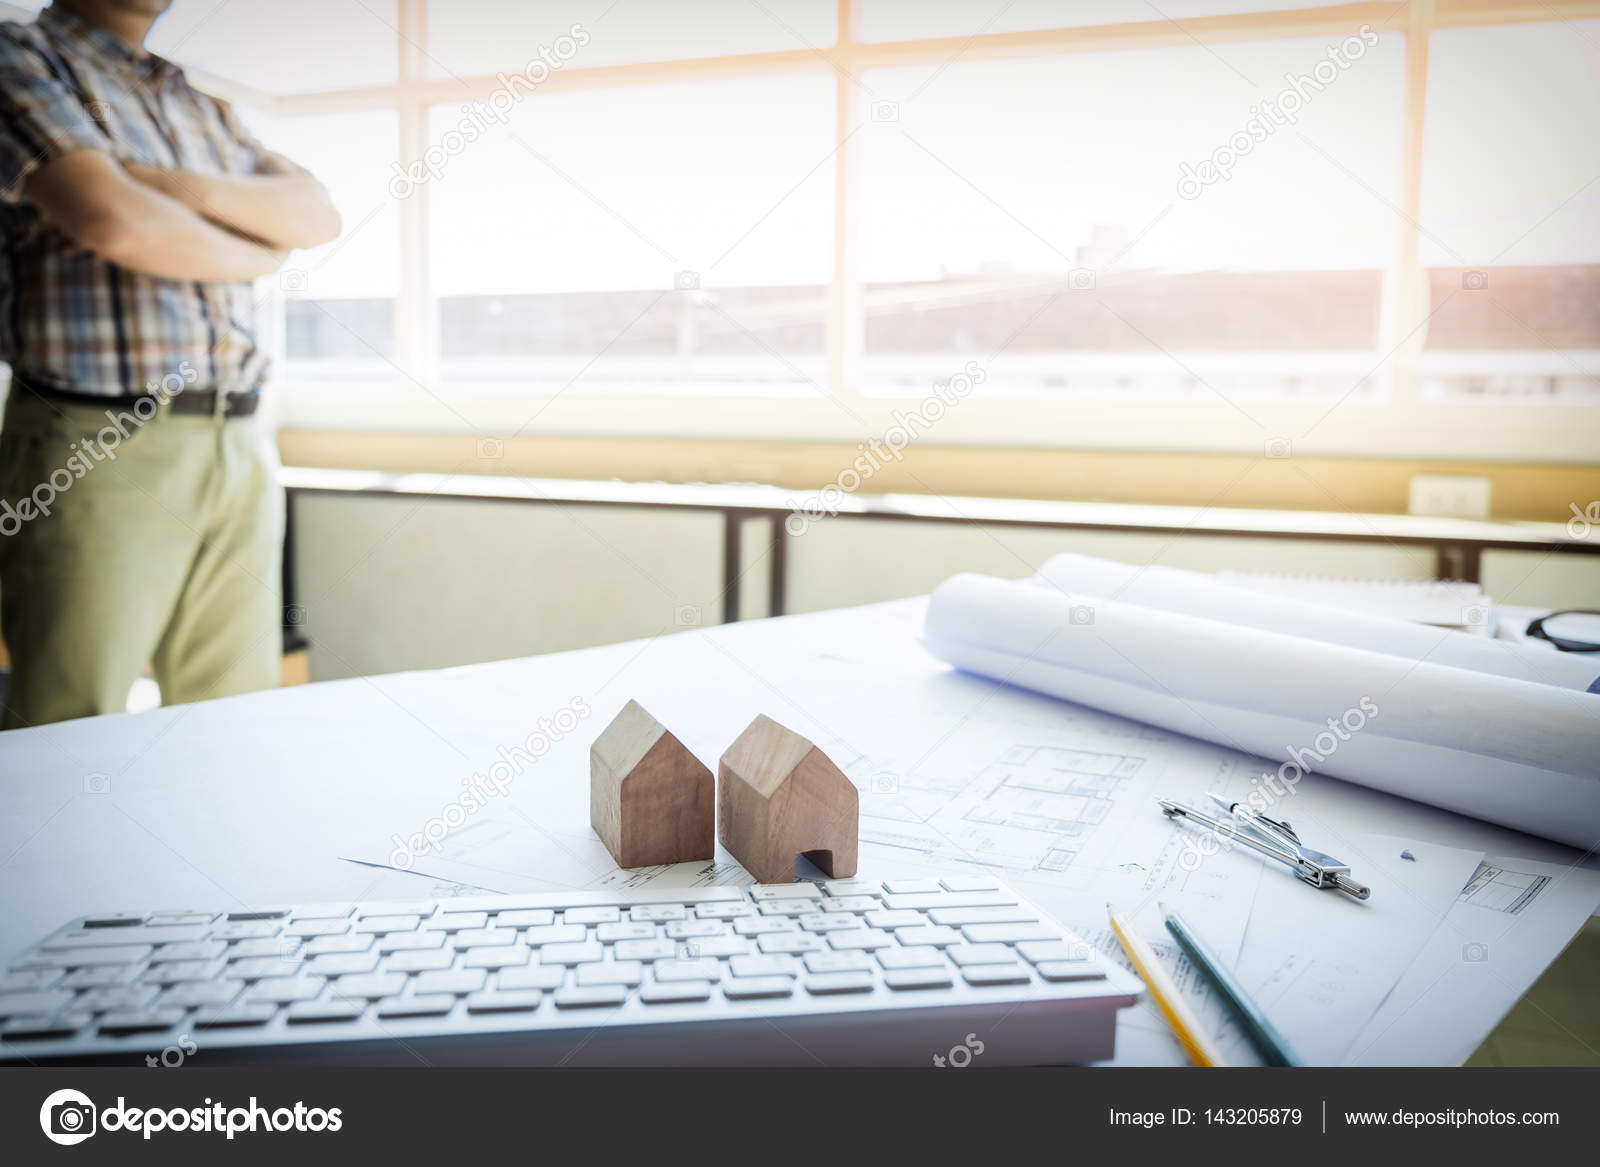 Liebenswert Büro Ideen Beste Wahl Büro Schreibtisch Hintergrund Bau Projekt Architekturkonzept Mit